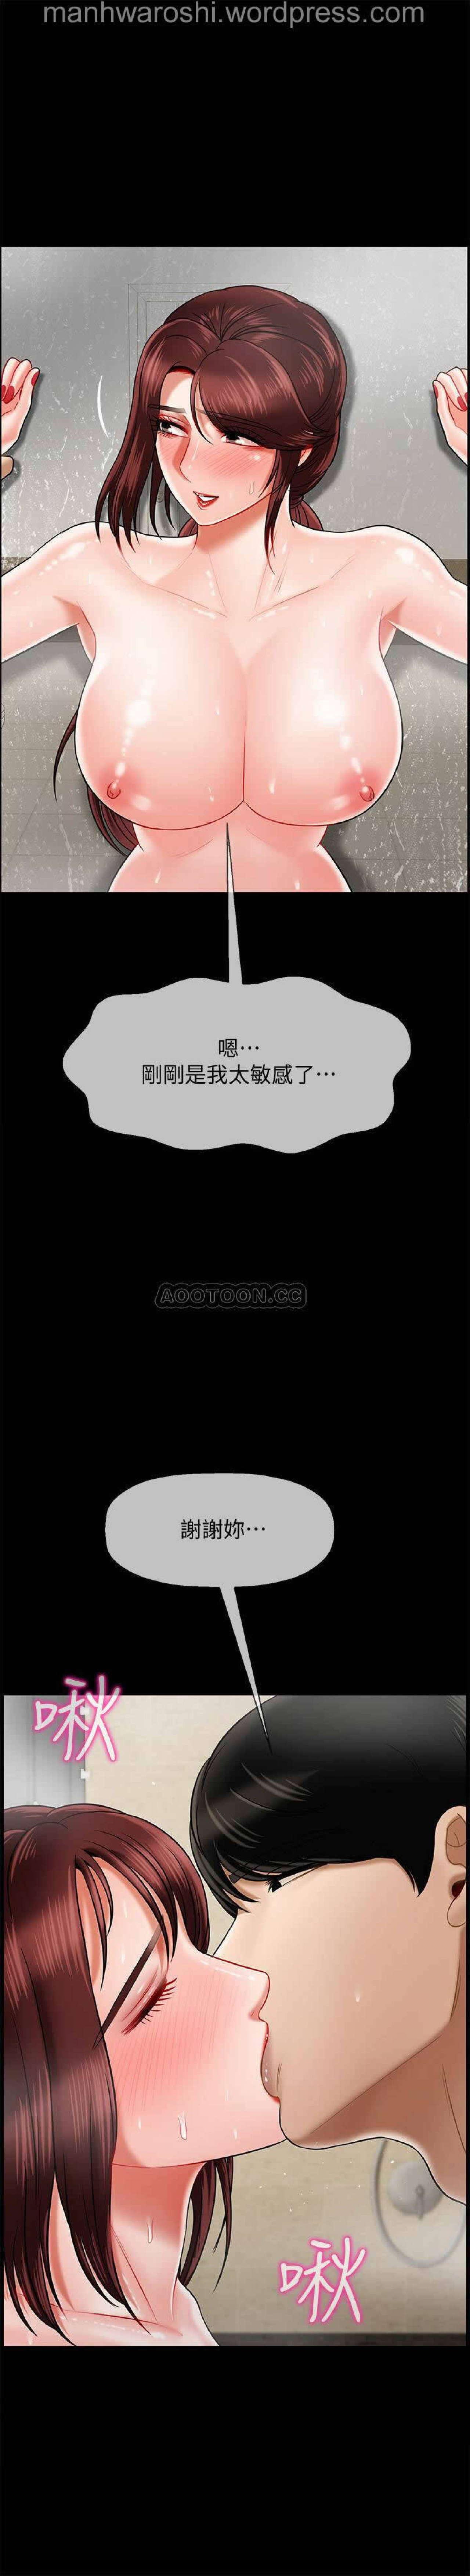 坏老师   PHYSICAL CLASSROOM 18 [Chinese] Manhwa 39